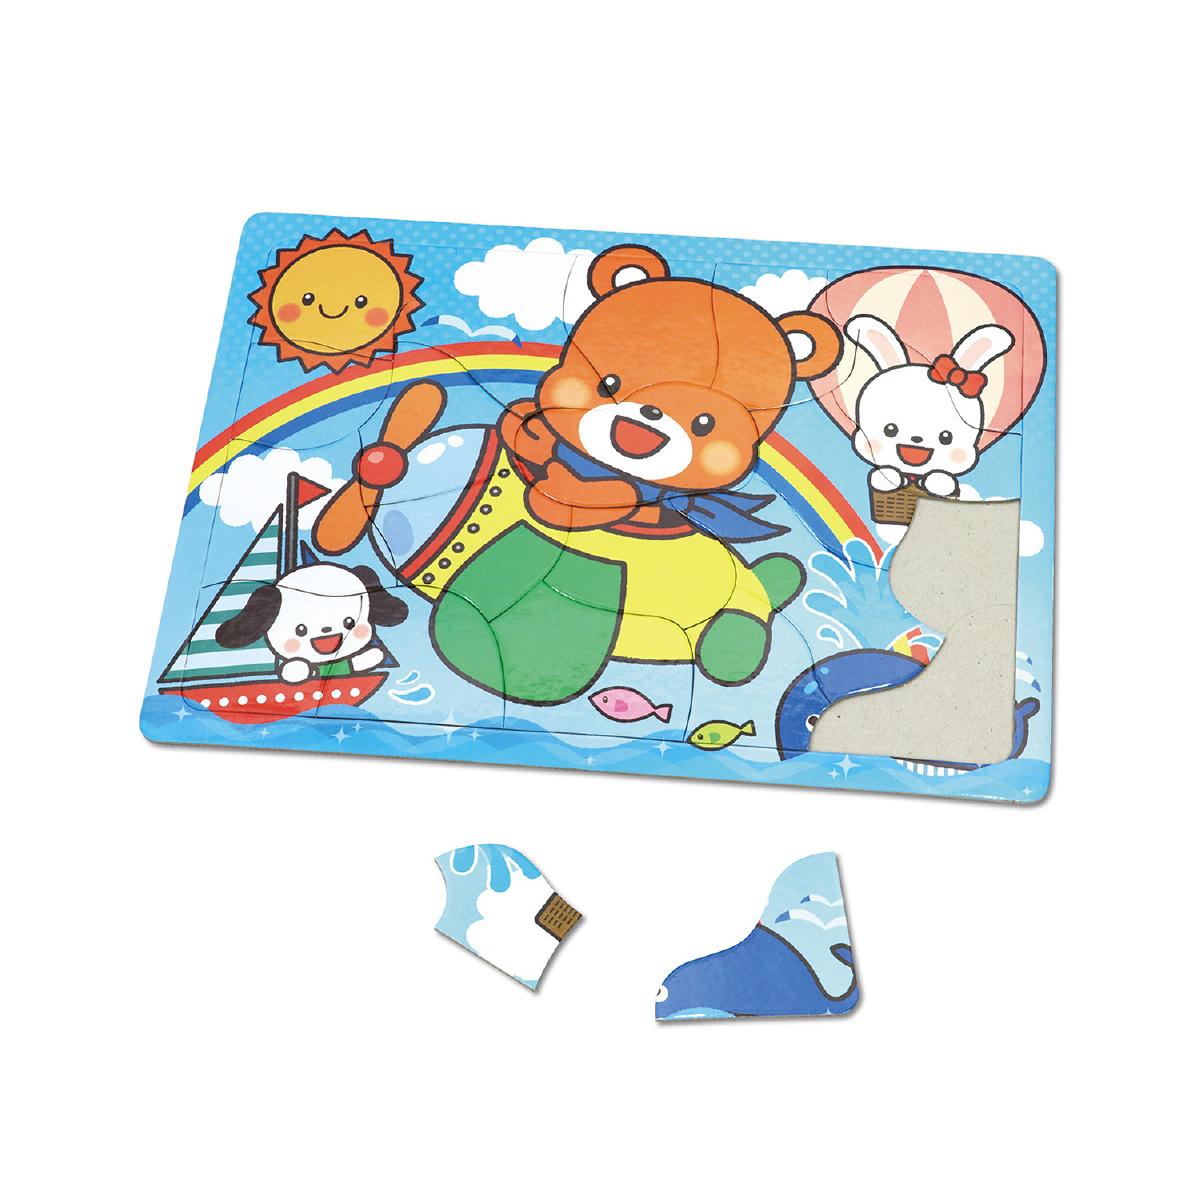 アニマルフレンズ パズル[ひこうき]20P 知育玩具 おもちゃ キッズ 子供 幼稚園 保育園 クリスマスプレゼント